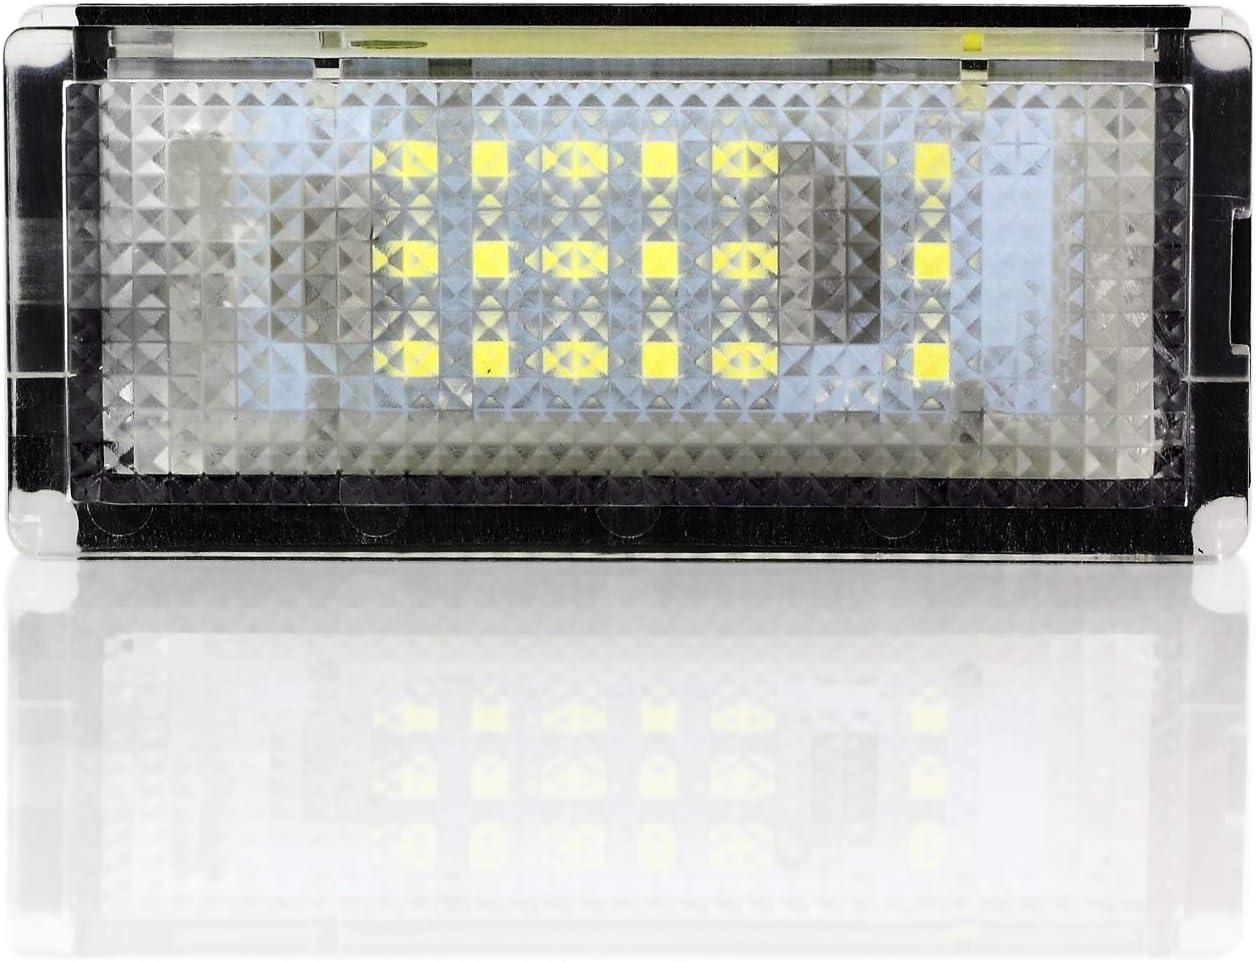 AUTOUTLET 2 Pezzi LED Numero Targa Luce Xeno Bianco per BMW Serie 3 E46 4D 98-03 18LED